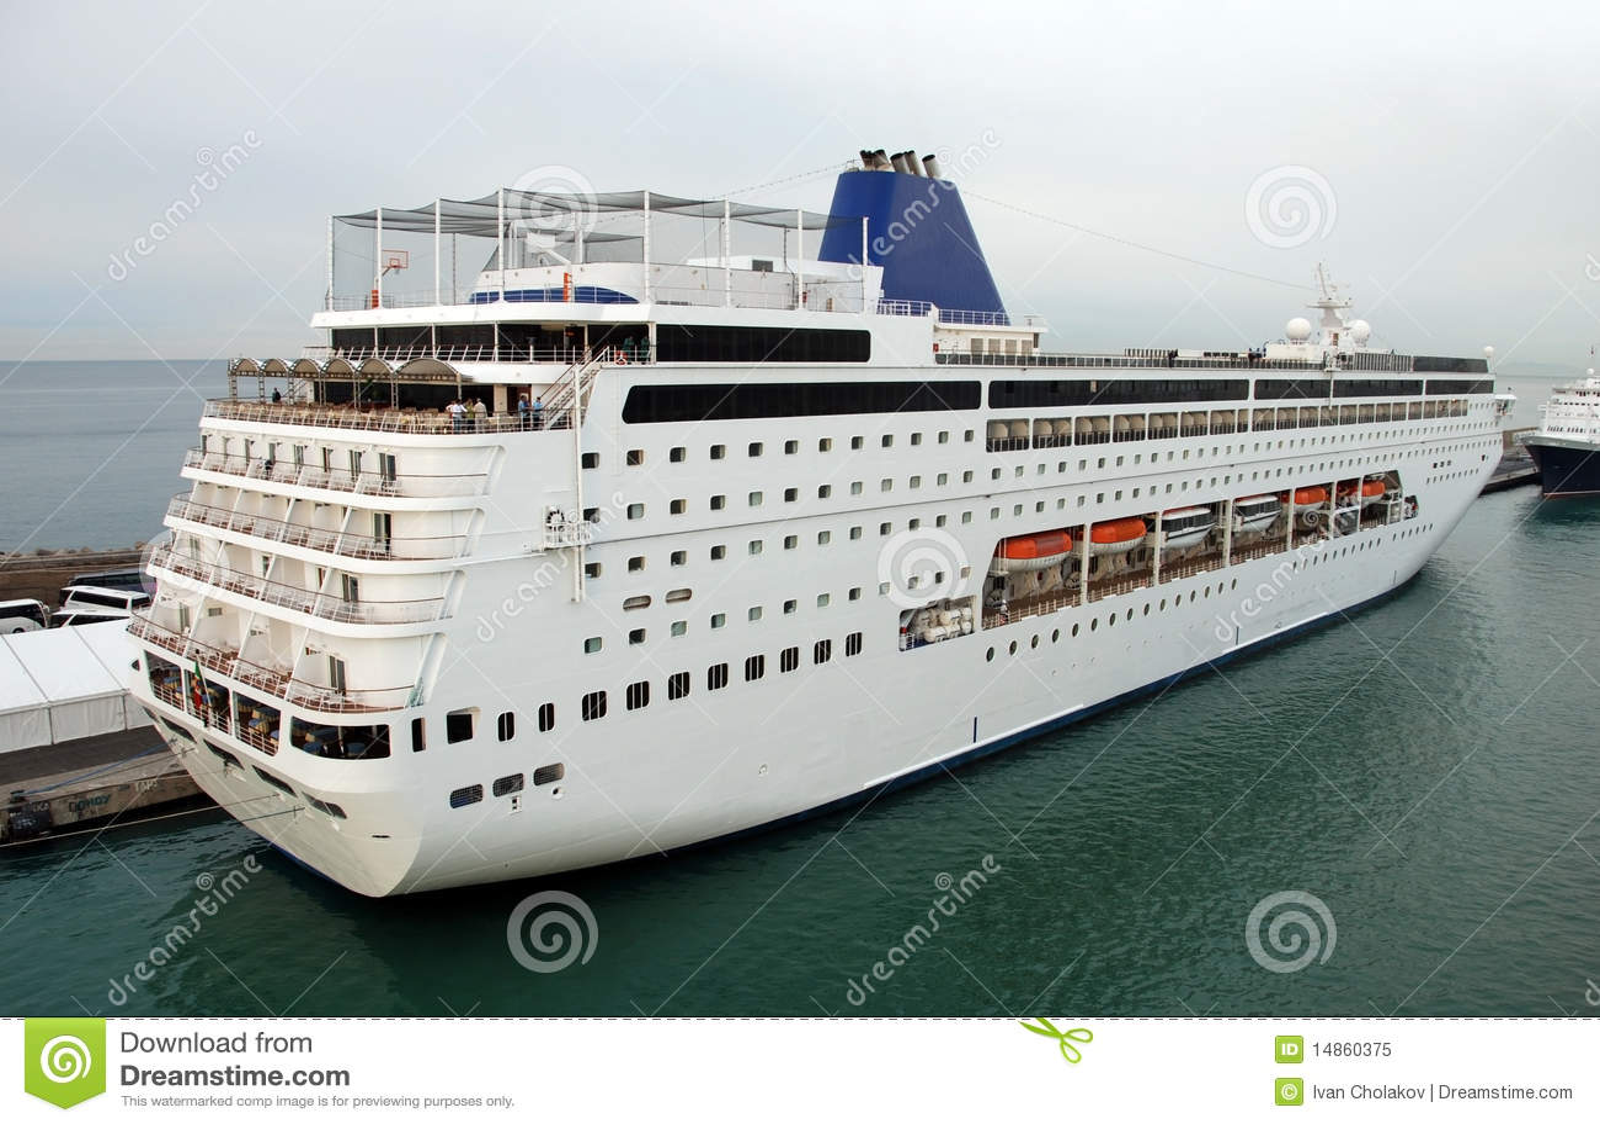 Cruise ship departing